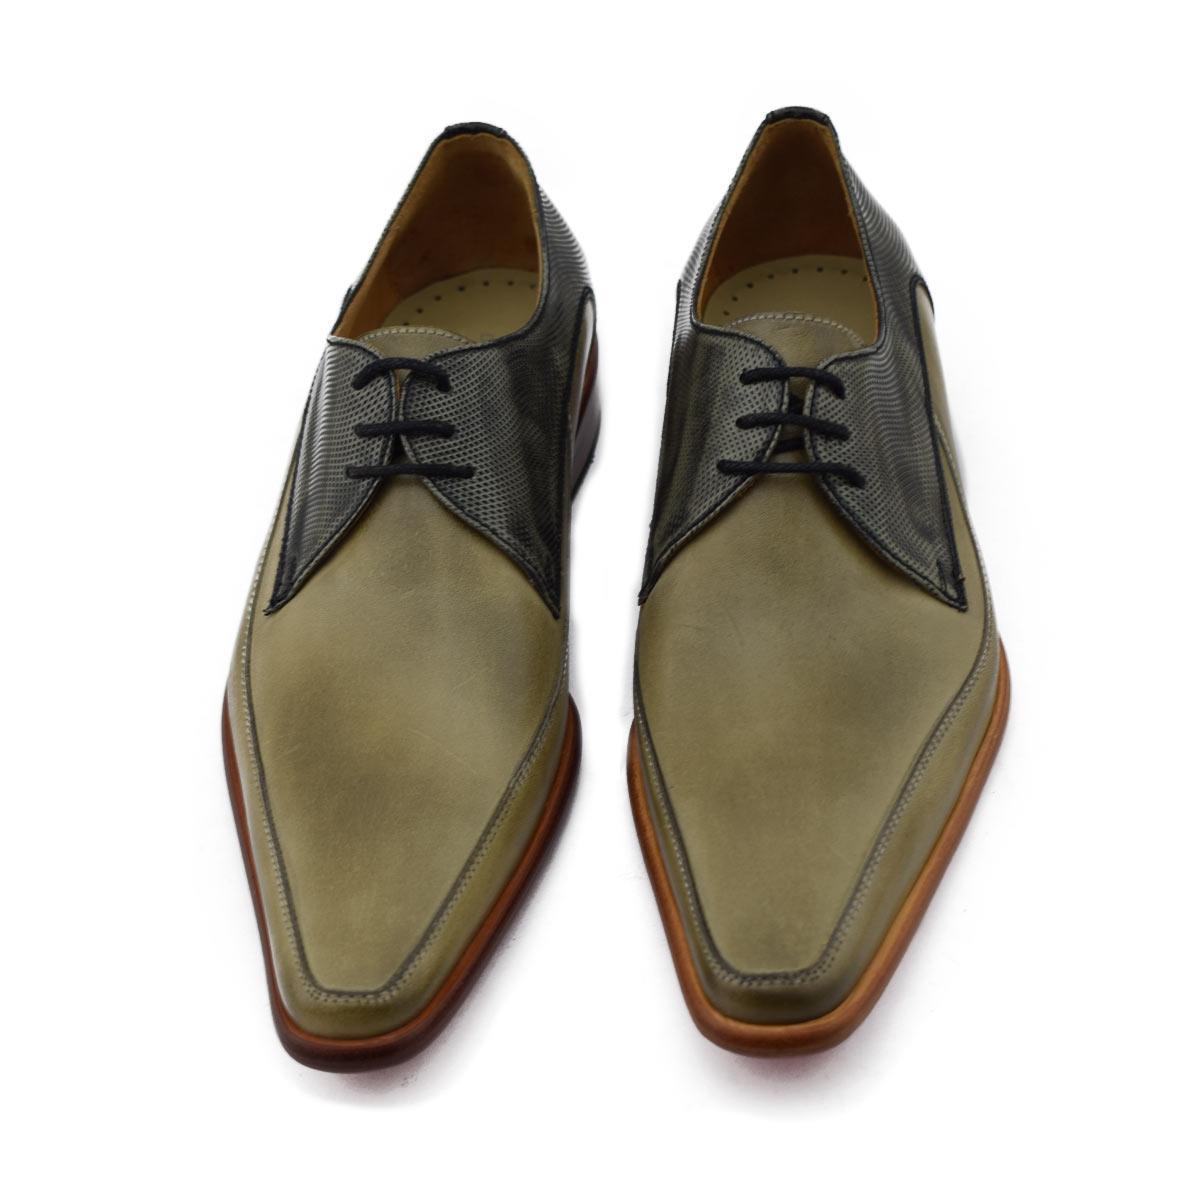 97a9786b9ae Zapato de vestir T-13071- BC